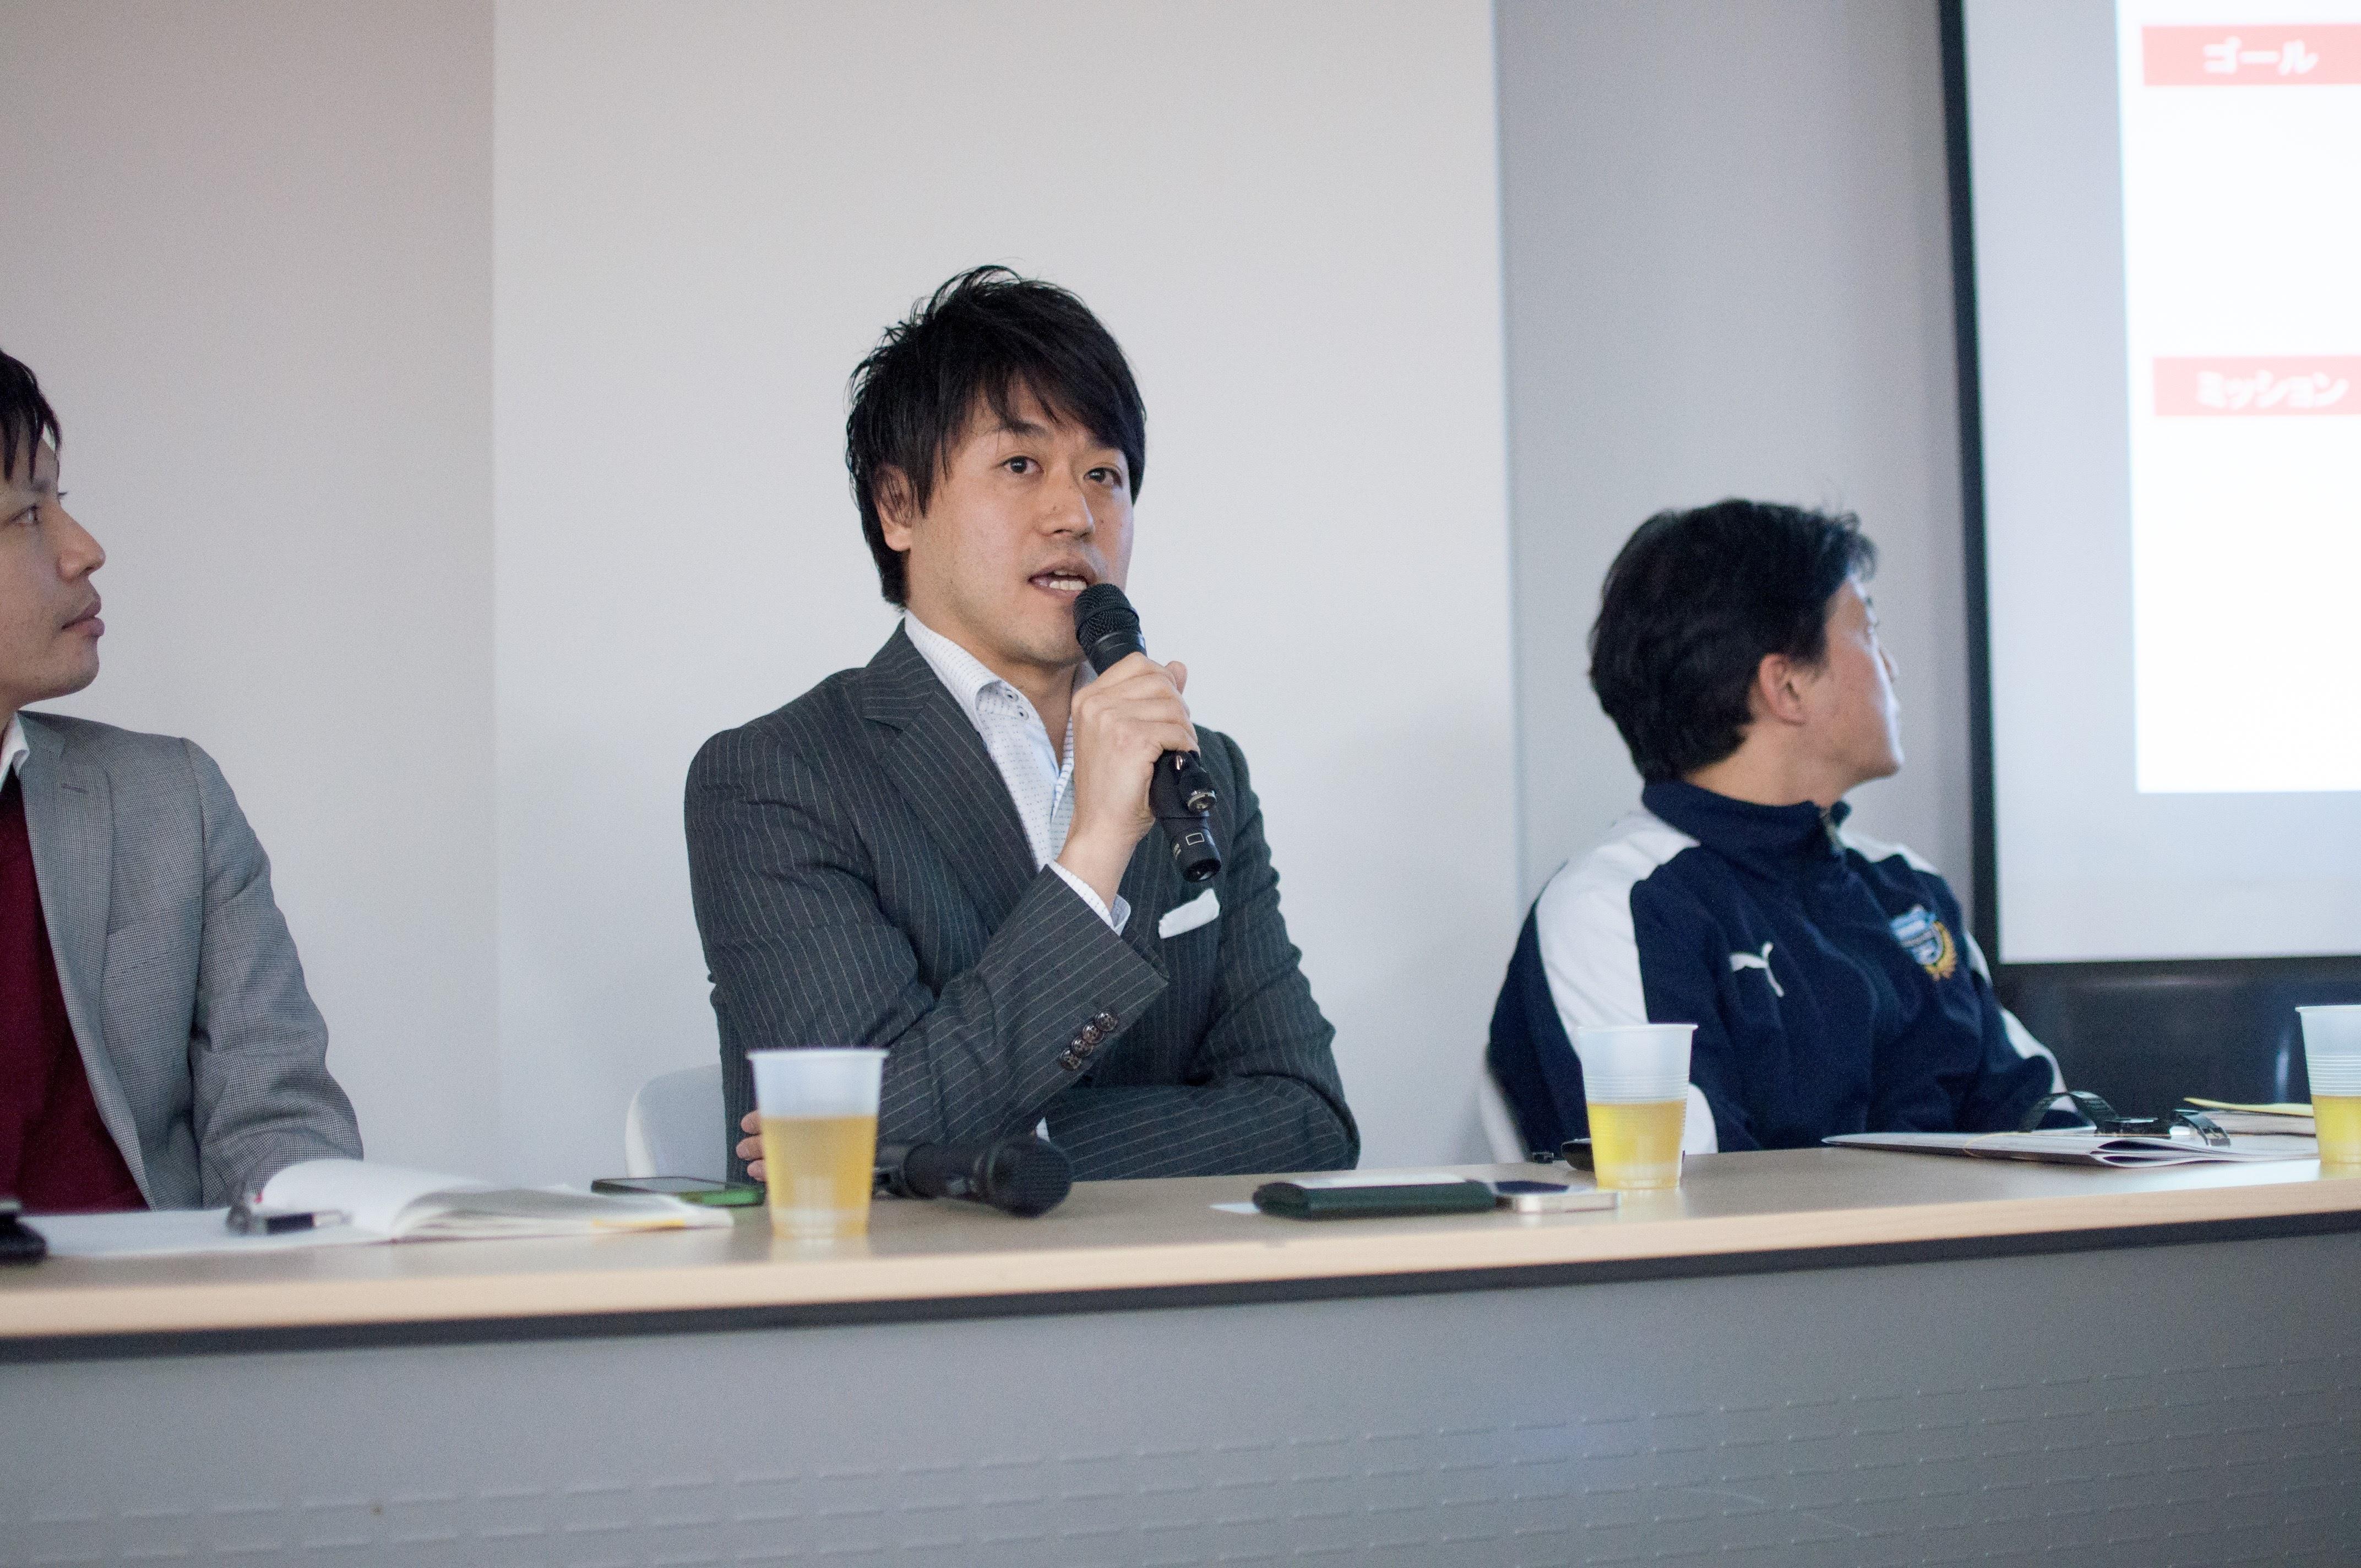 一般社団法人復興応援団 理事 兼マーケティングディレクター 佐藤秀一さん